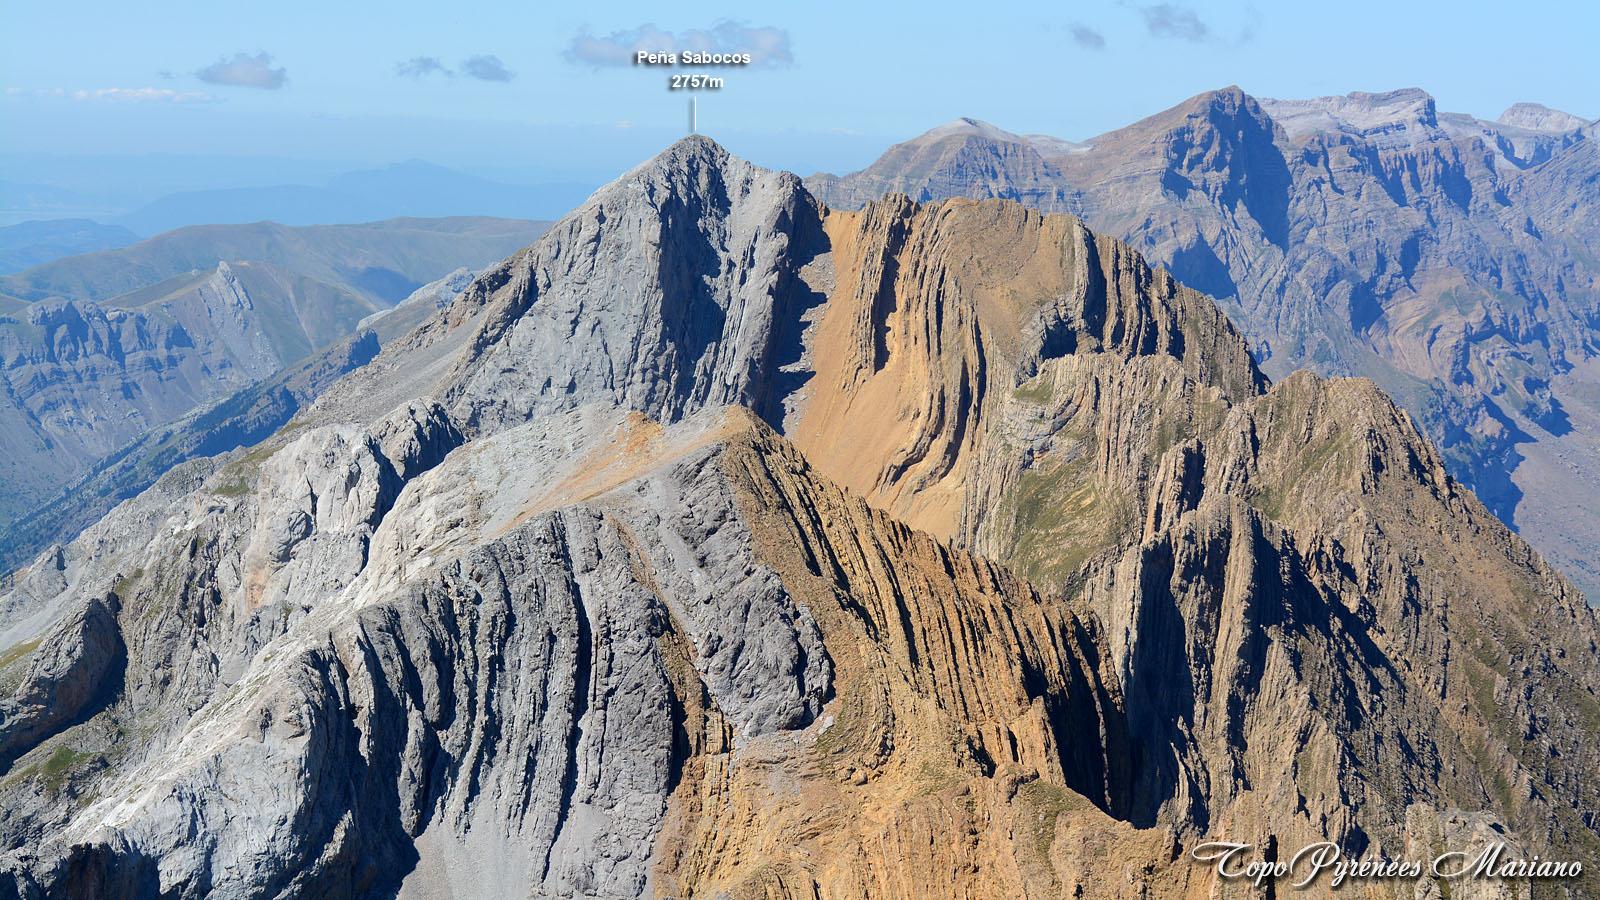 Randonnée Peña Sabocos 2757m en boucle par les crêtes